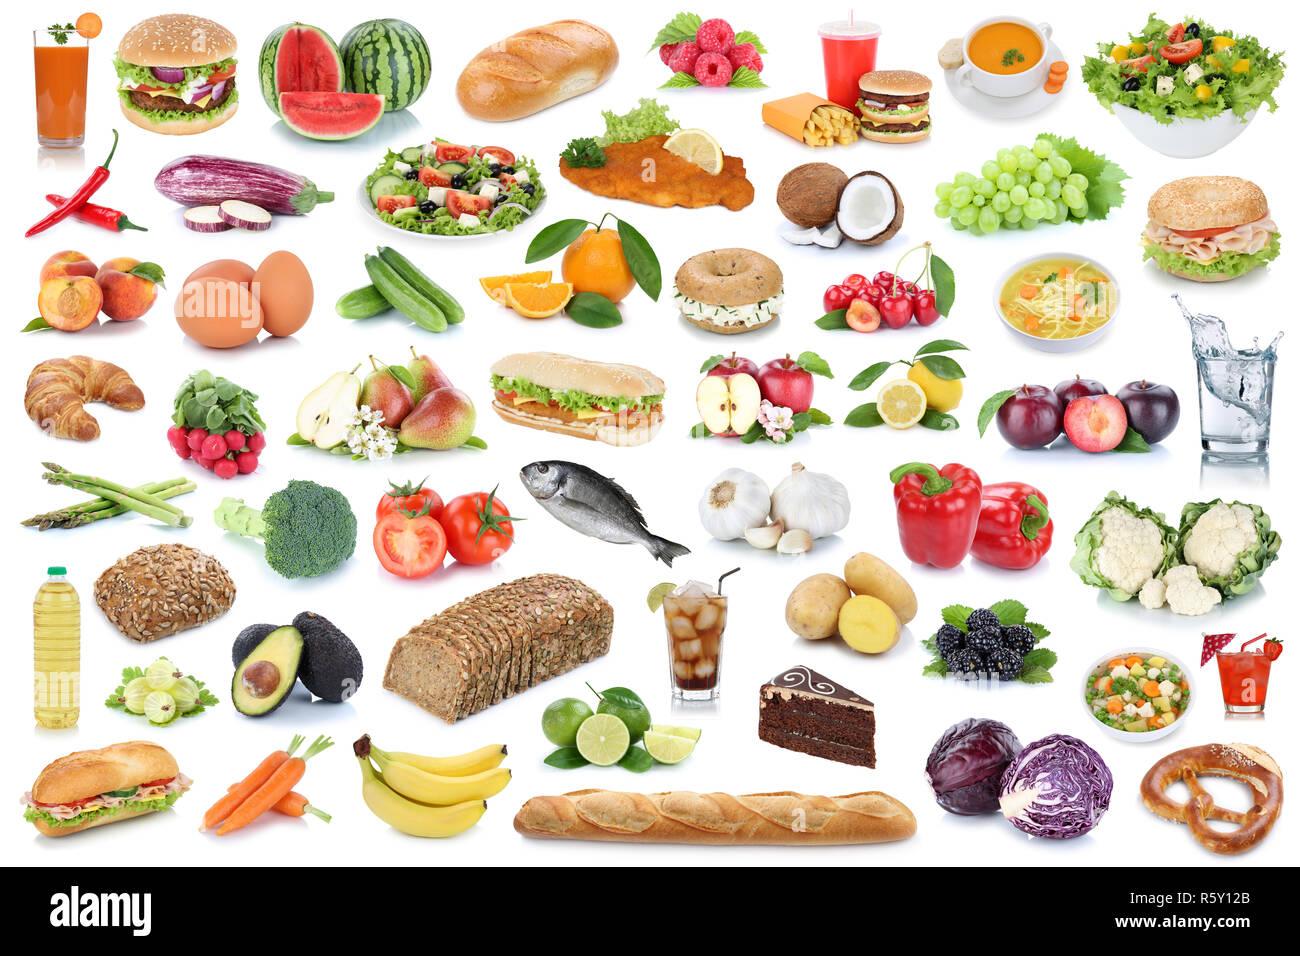 Collage De Alimentos Alimentos Saludables Frutas Y Hortalizas